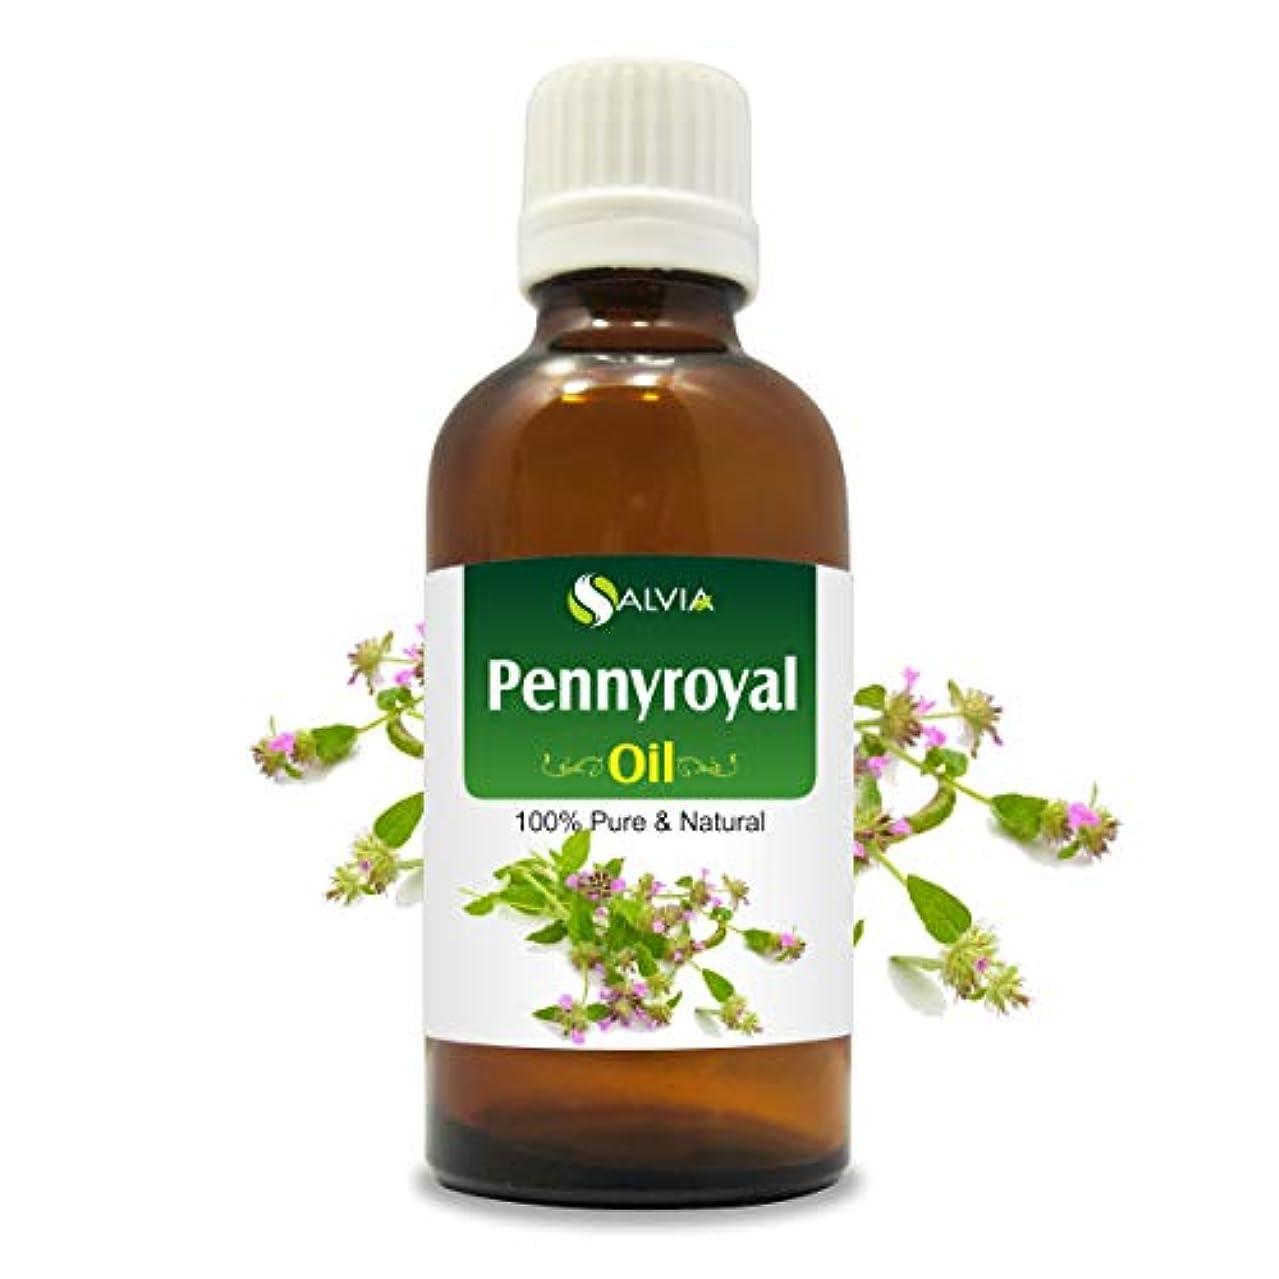 パウダー反論者子供時代Pennyroyal Oil (Mentha pulegium) 100% Natural Pure Undiluted Uncut Essential Oil 100ML